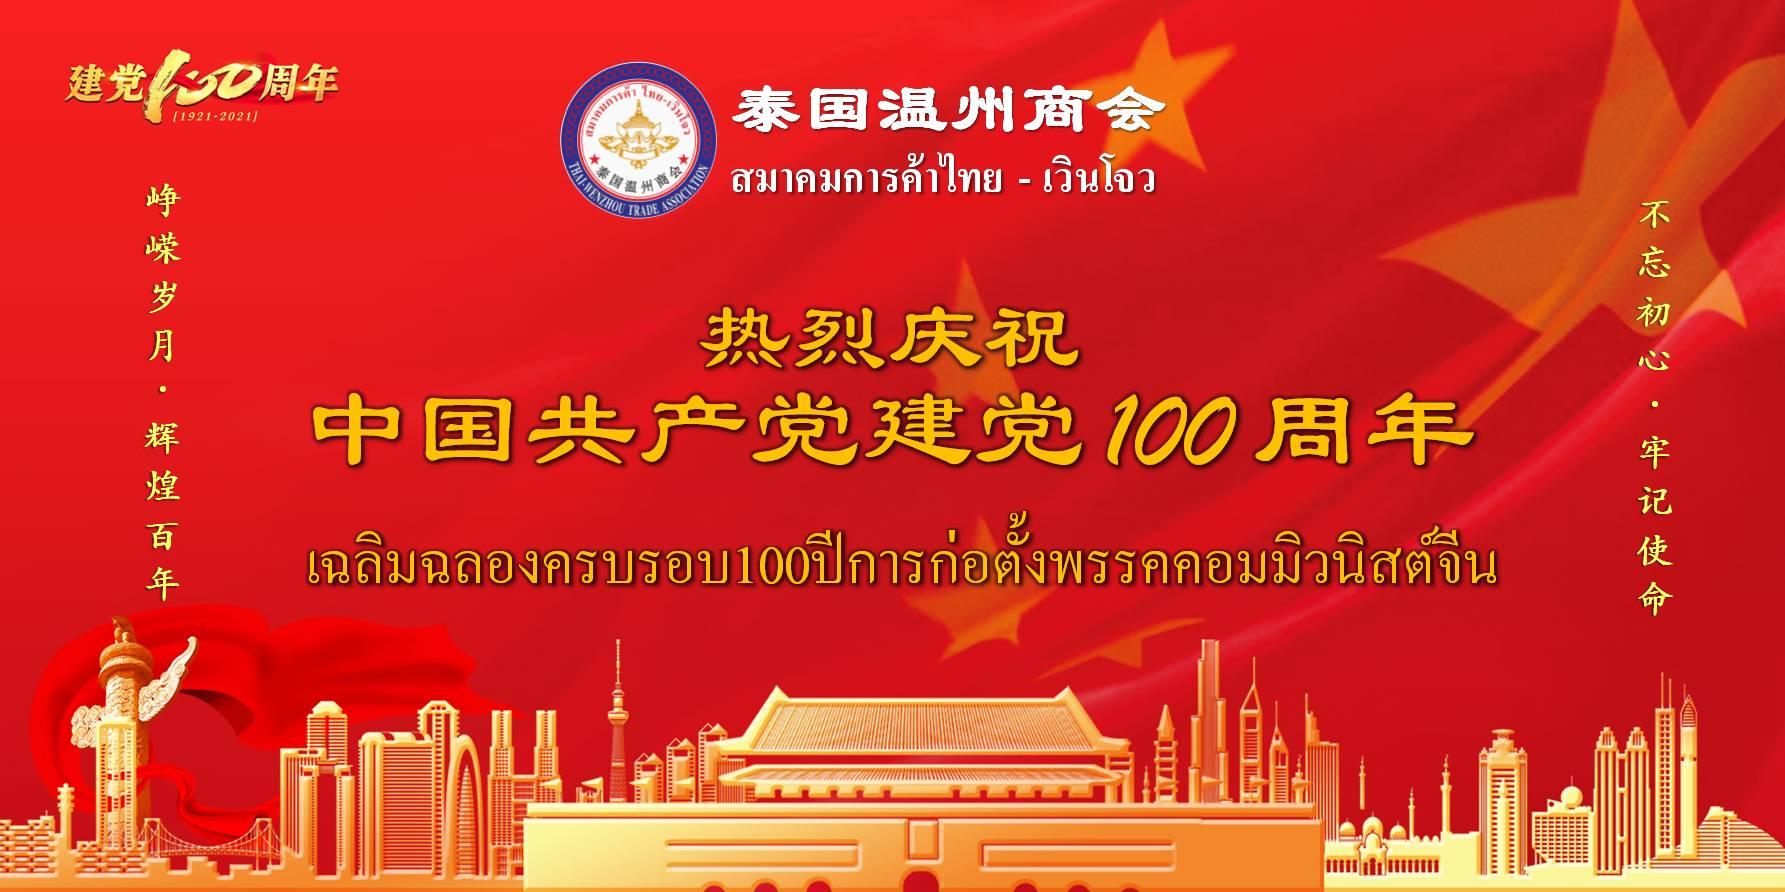 泰国温州商会热烈庆祝中国共产党成立100周年